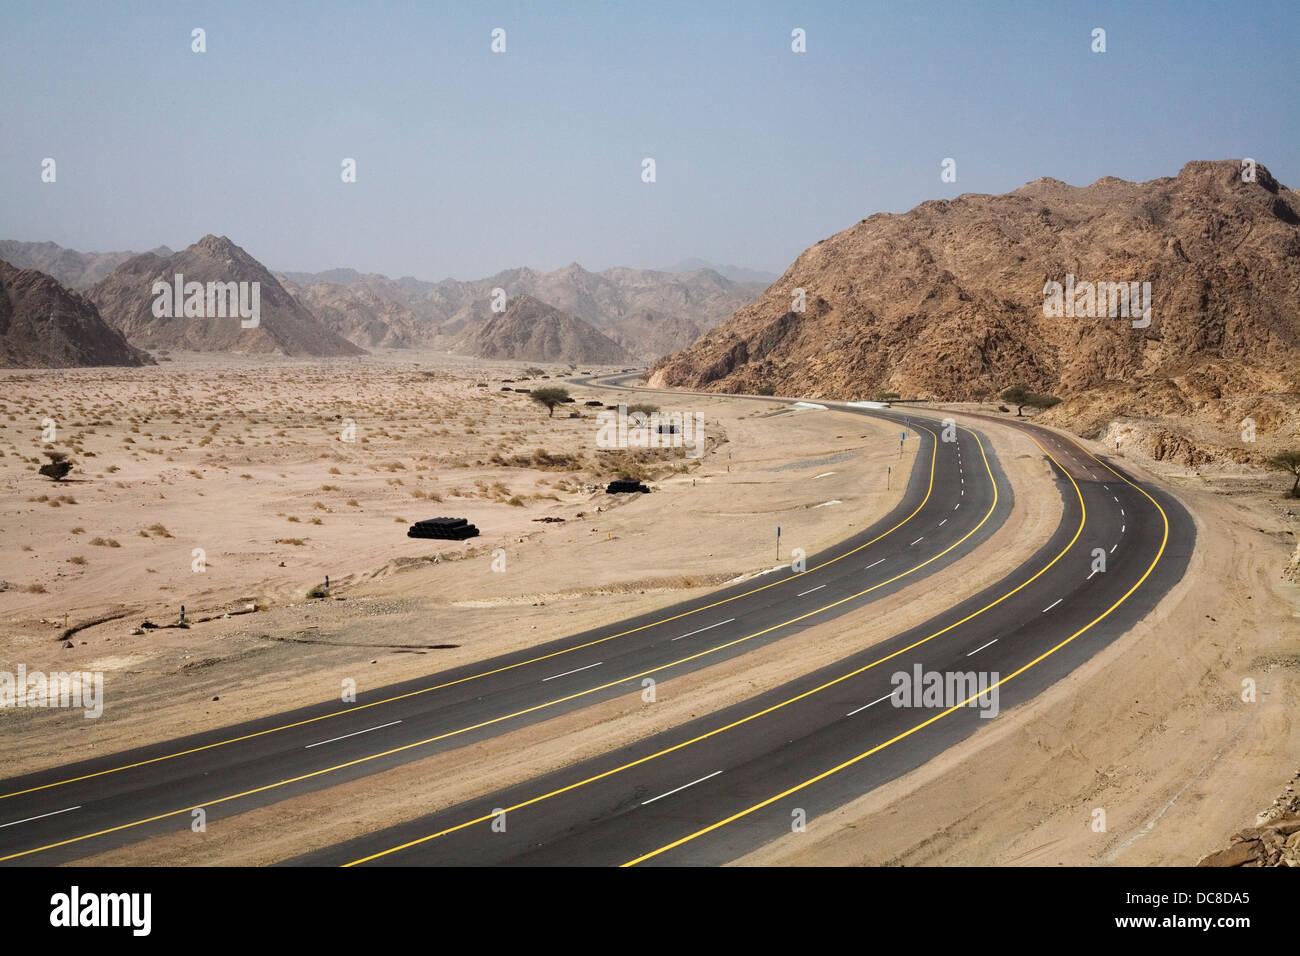 Le Duba-Haql 5 numéro de l'autoroute en passant par les monts Sarawat, au nord-ouest de l'Arabie Saoudite. Photo Stock